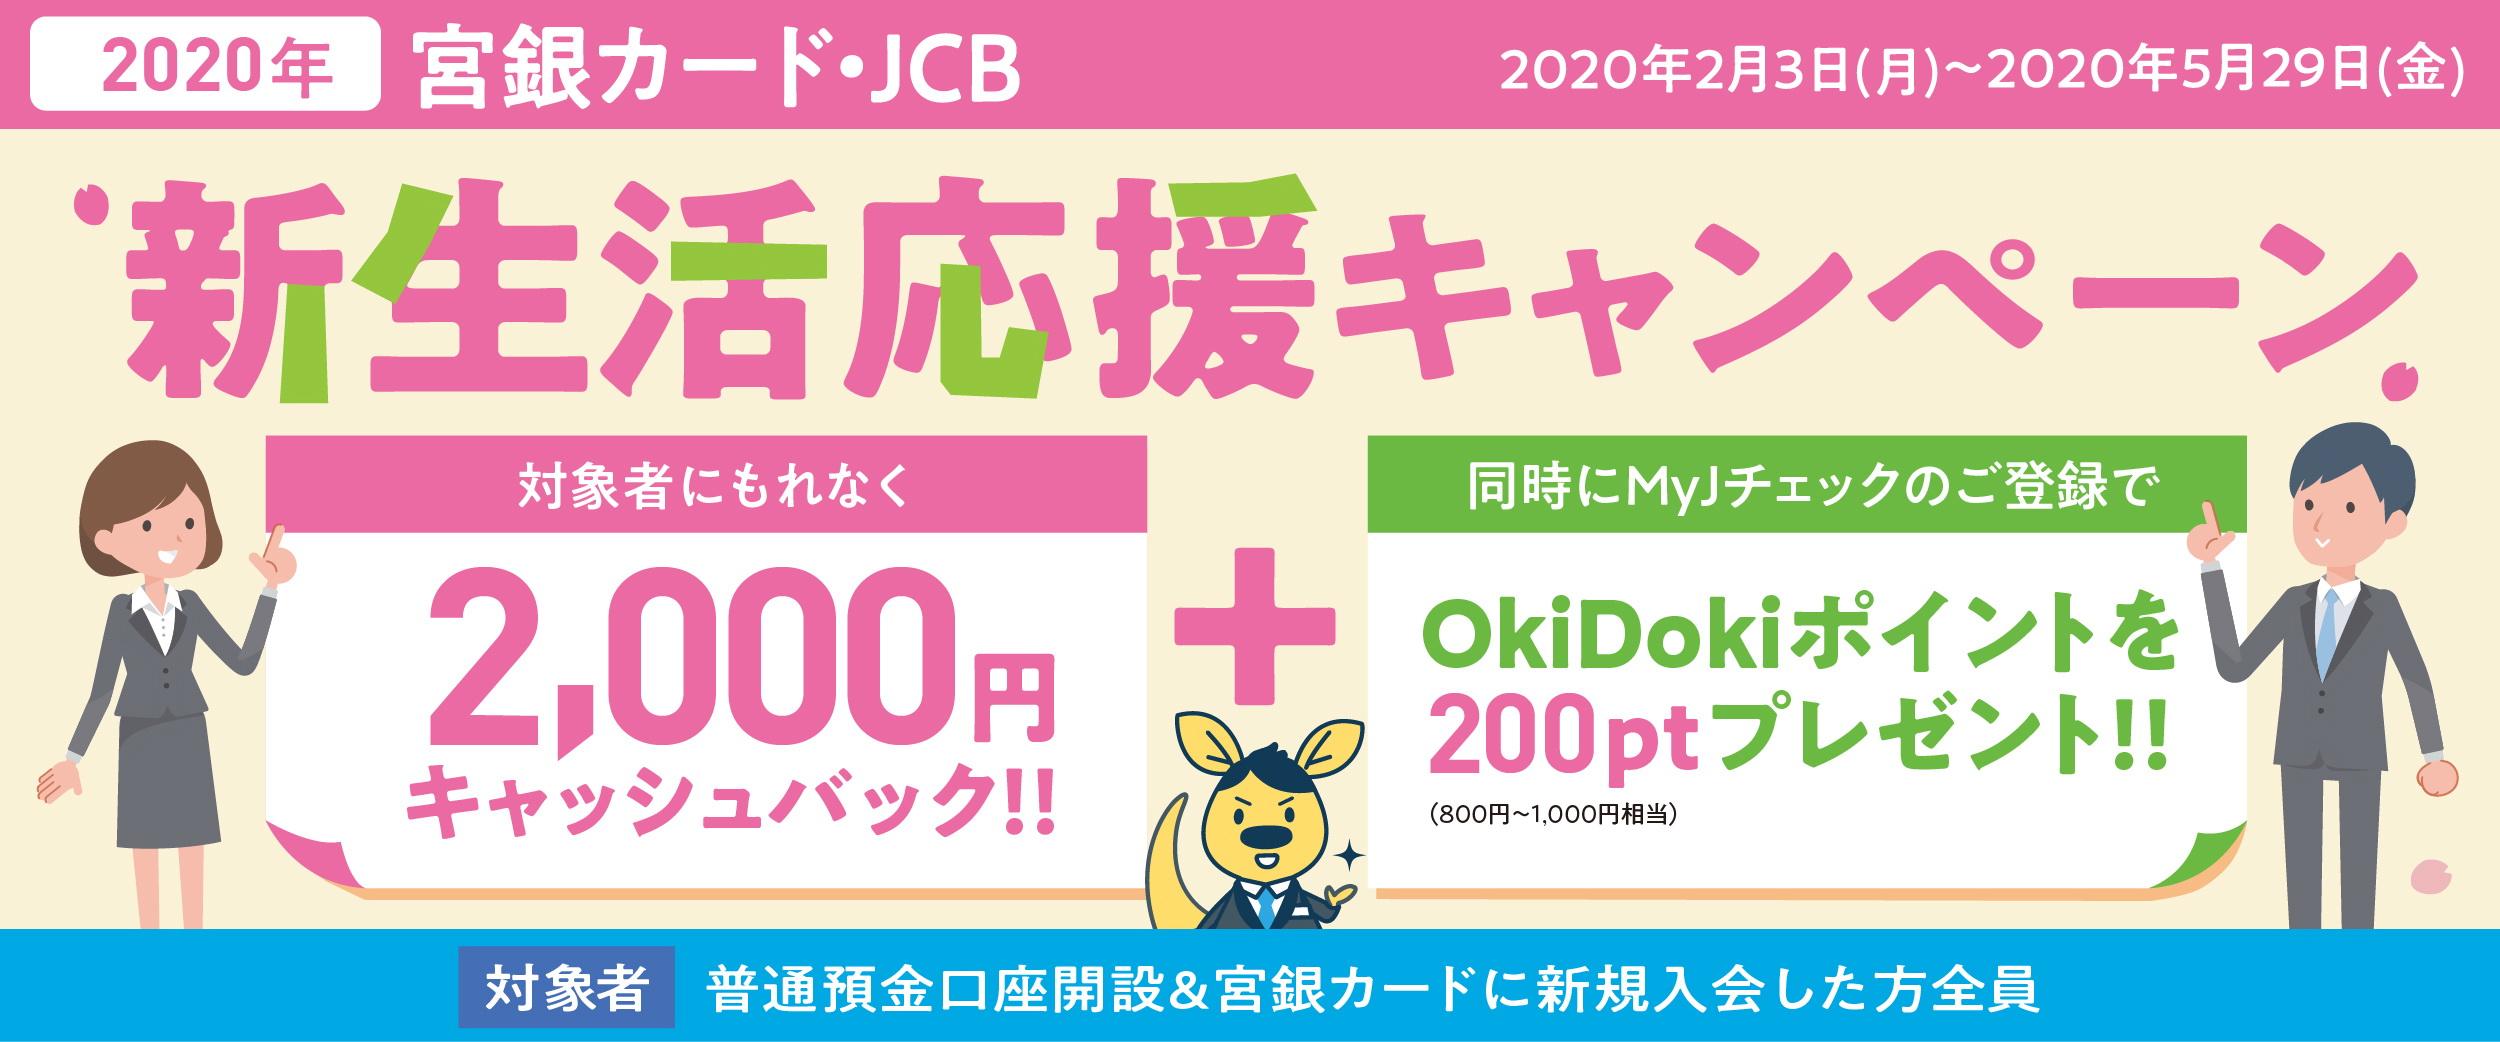 宮銀カード・JCBの新生活応援キャンペーン